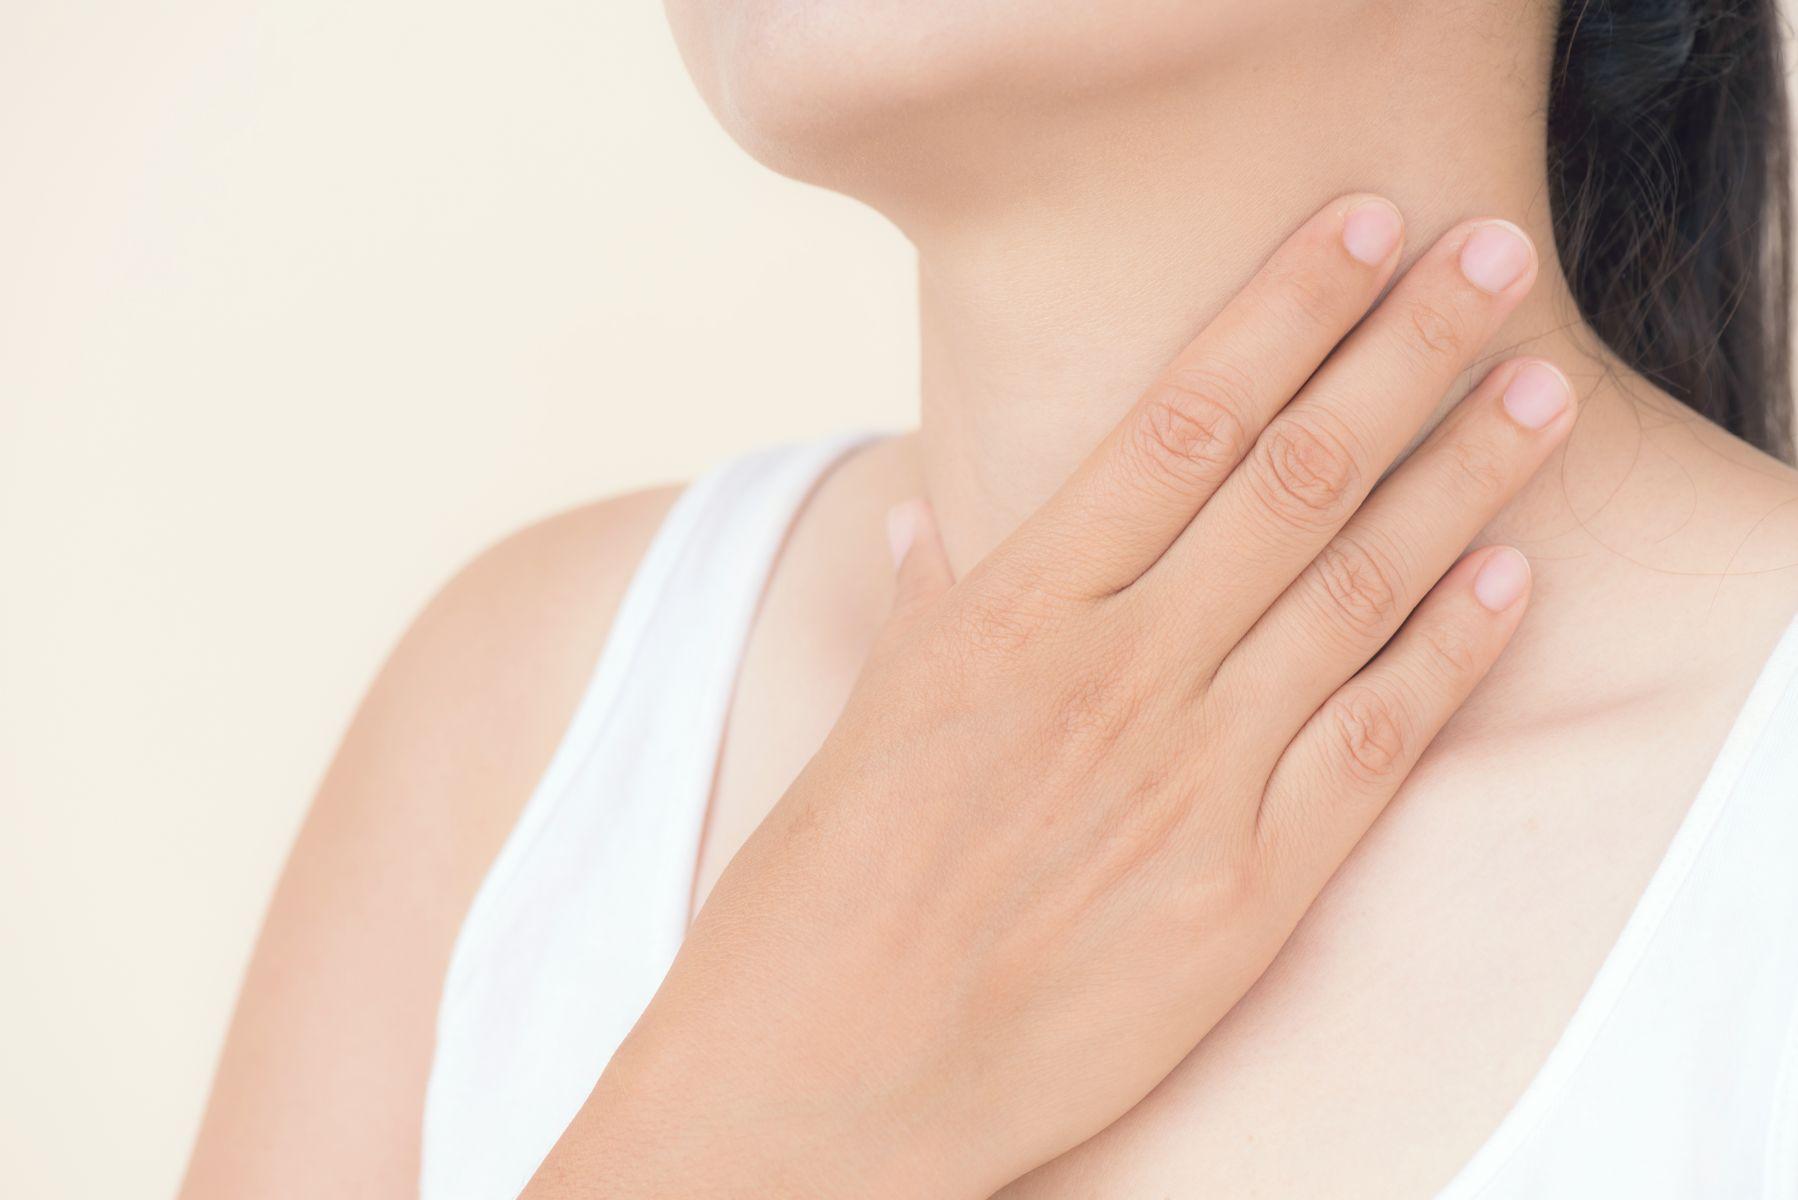 發燒、咳嗽痰多、頭痛、喉嚨痛症狀是「感冒」還是「過敏」?中醫師教你10秒分辨